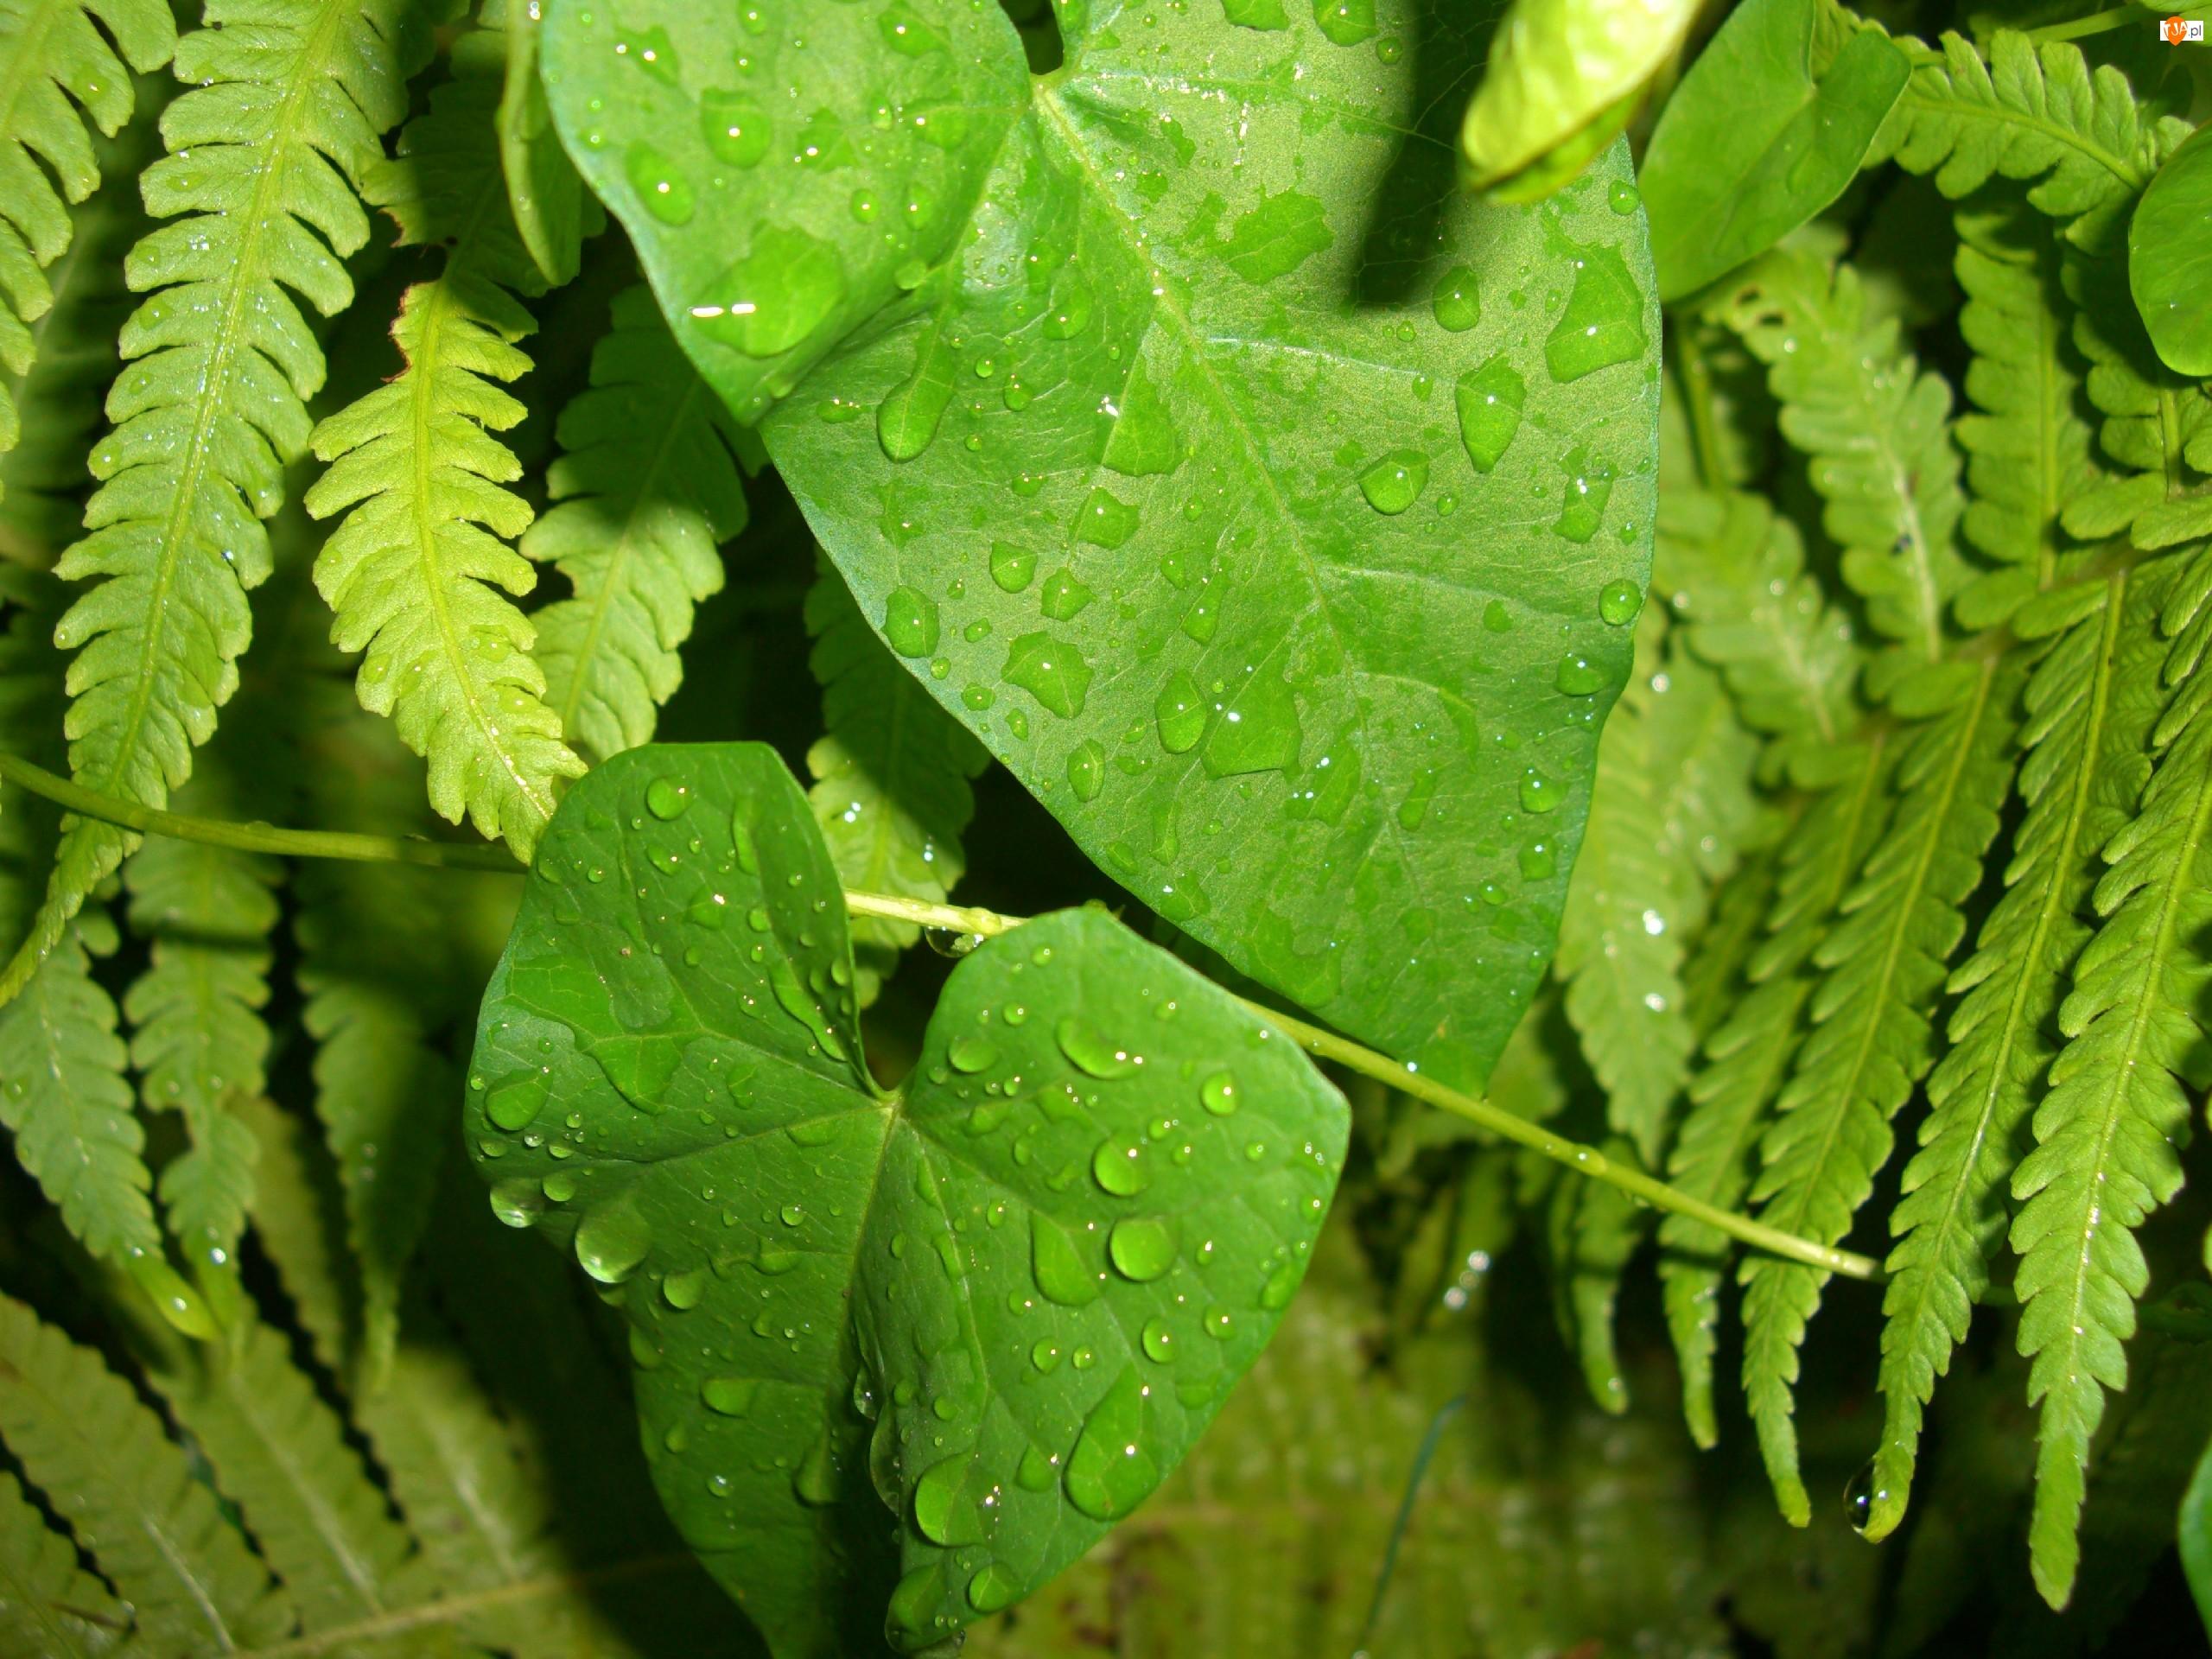 Listki, Krople, Powój, Deszczu, Paprocie, Pnącze